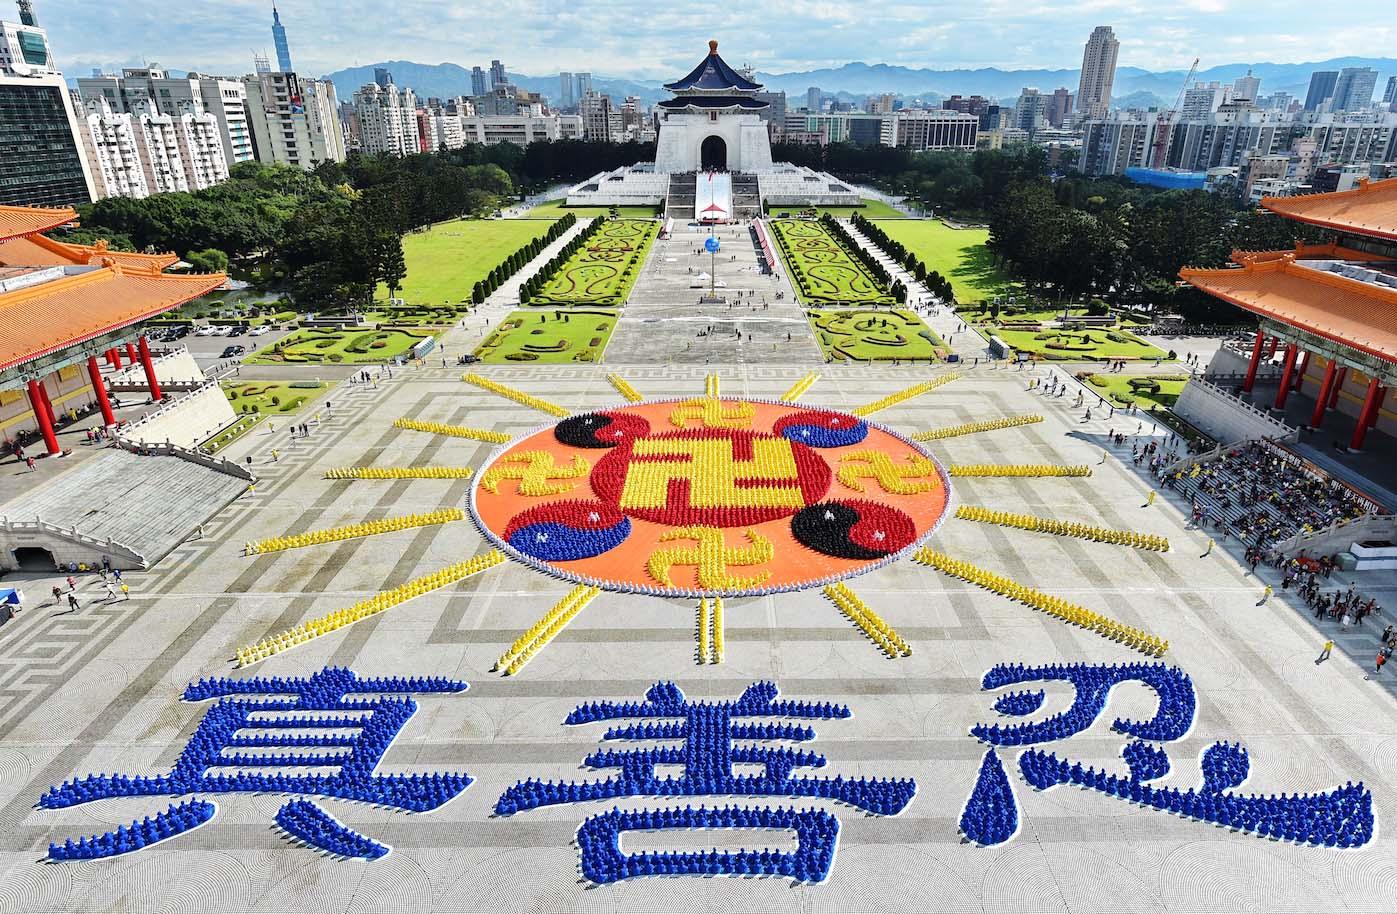 2016年11月26日,六千二百多名法輪功學員在台北自由廣場排出「法輪圖形」及「真善忍」三個字。(明慧網)